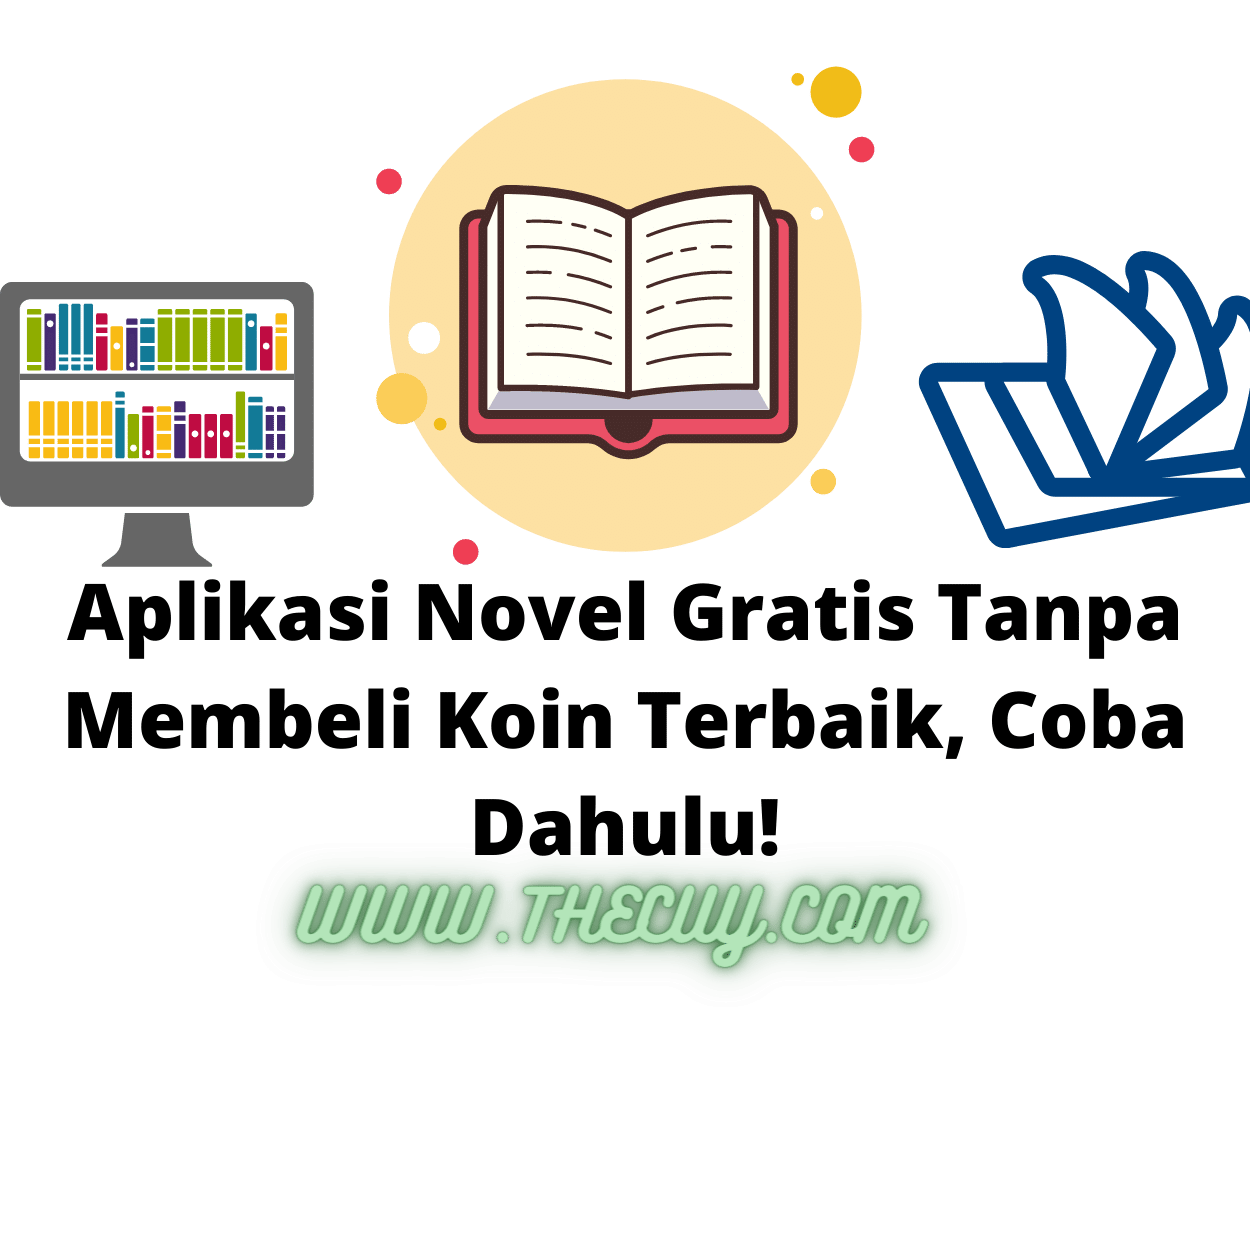 Aplikasi Novel Gratis Tanpa Membeli Koin Terbaik, Coba Dahulu!